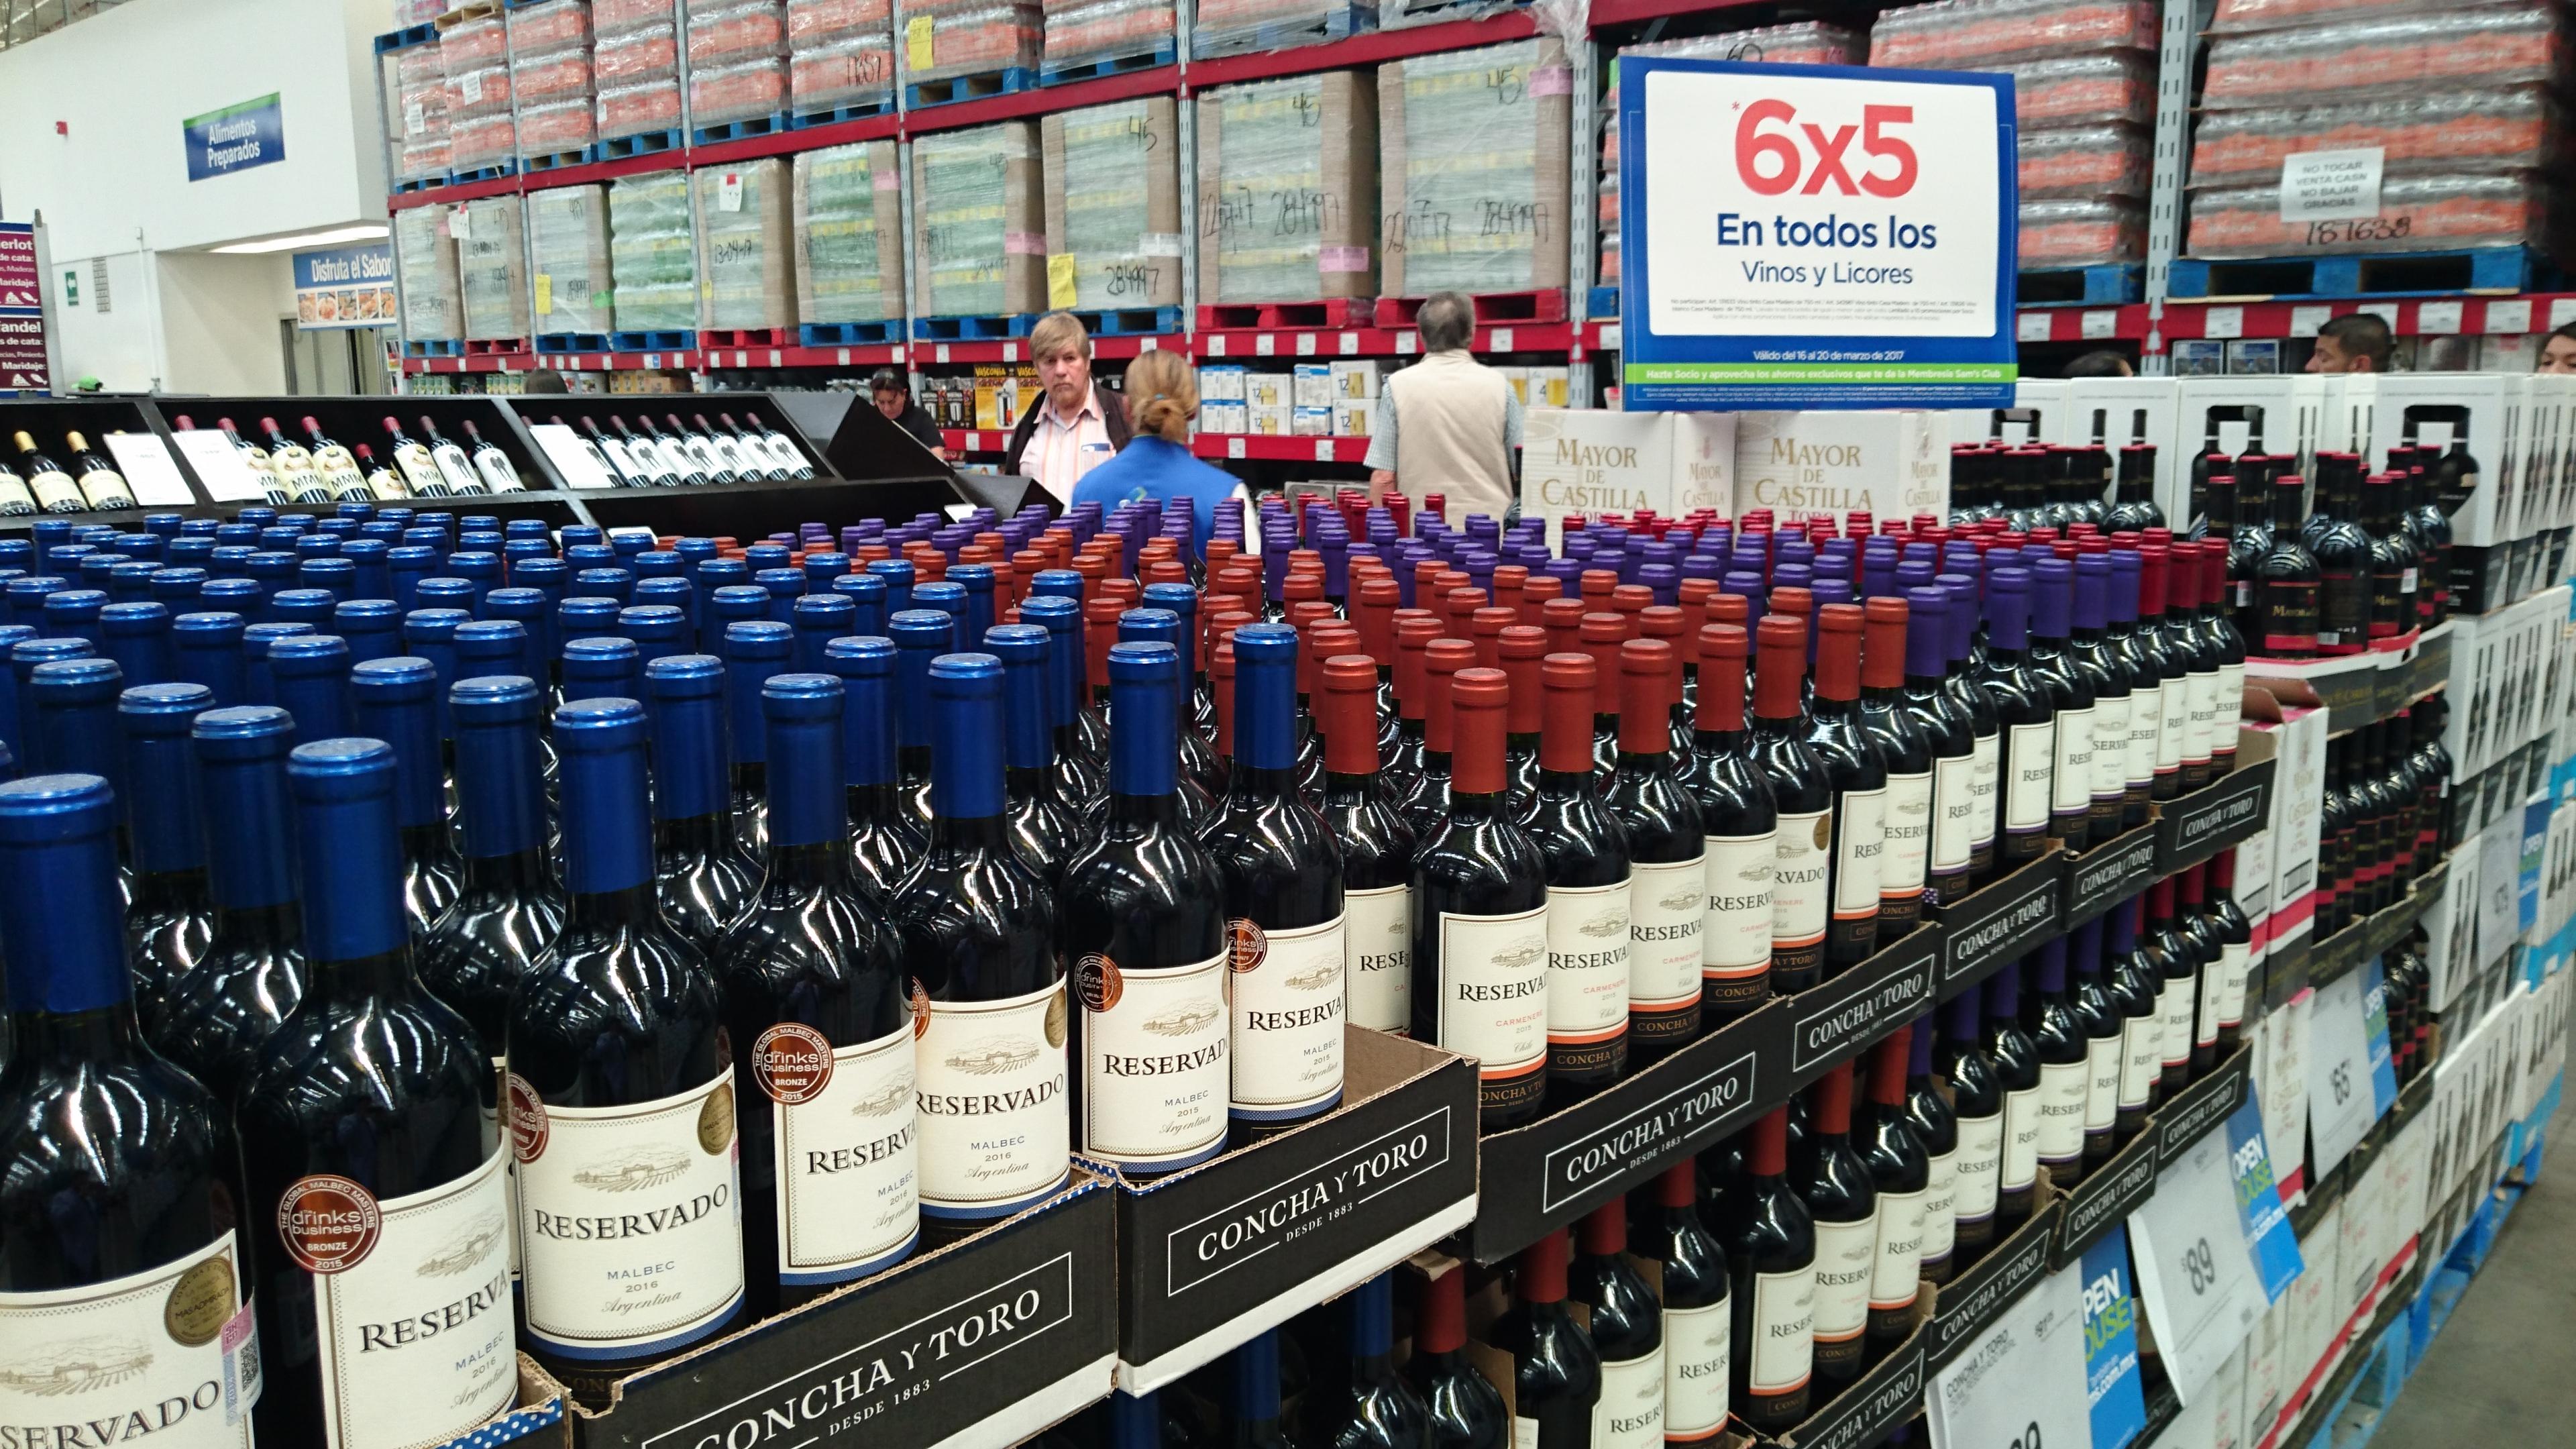 Sam's Club: 6 x 5 en todos los vinos y licores